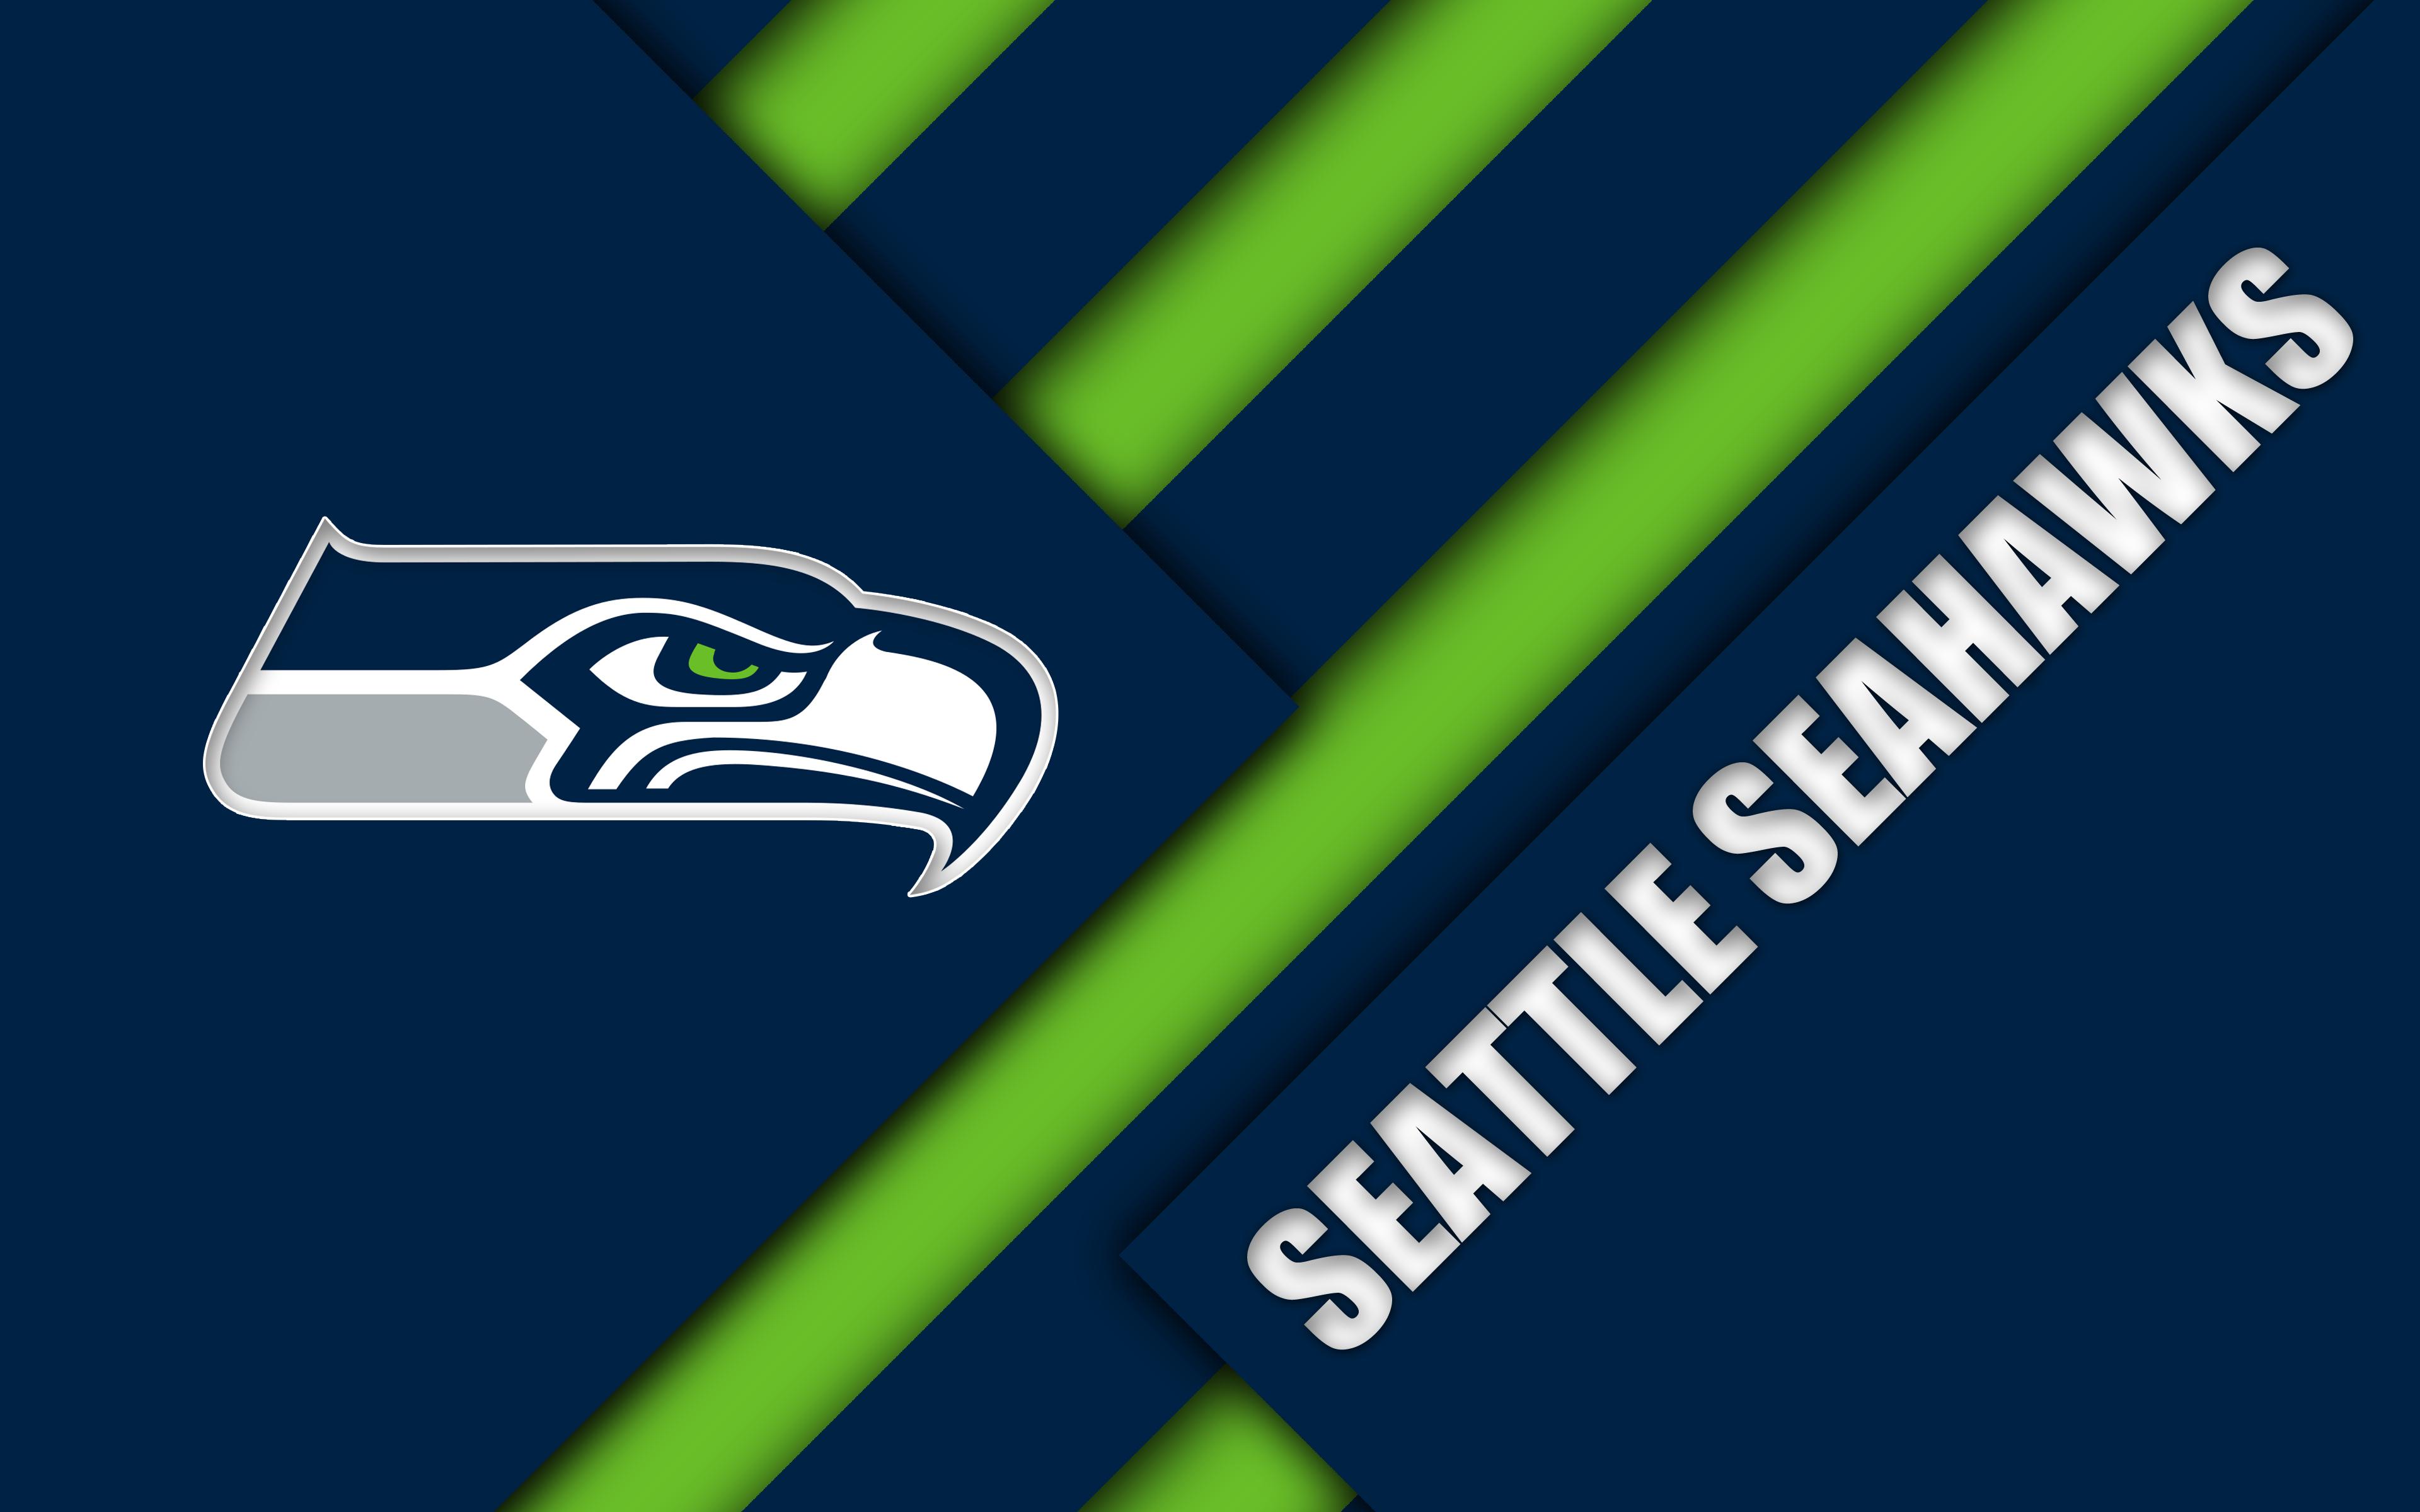 Seattle Seahawks 4k Ultra Hd Wallpaper Background Image 3840x2400 Id 988622 Wallpaper Abyss